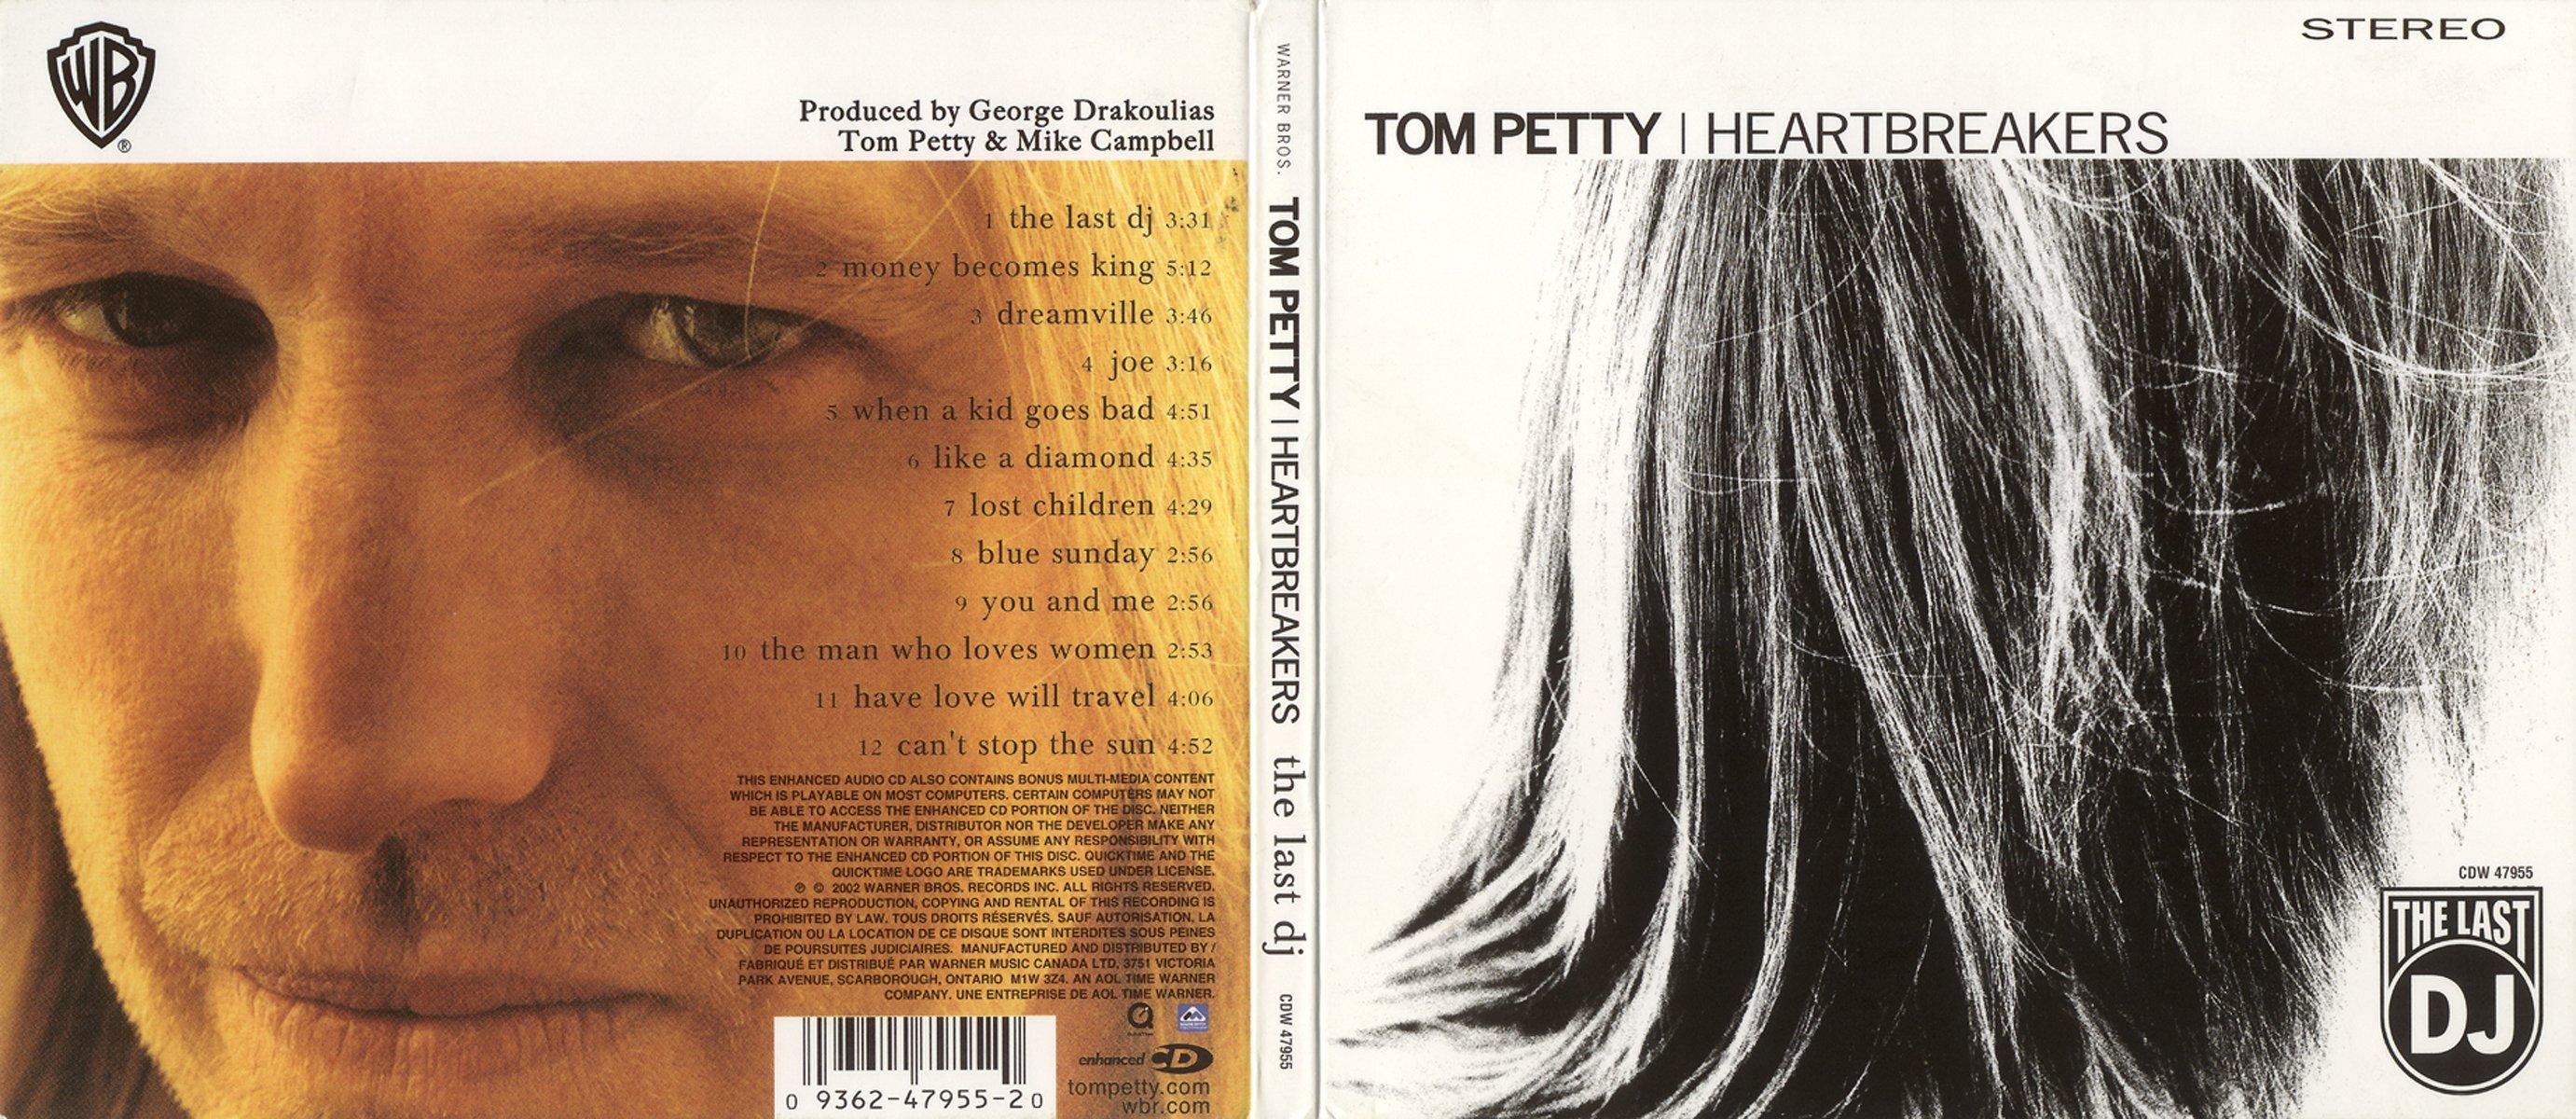 TOM PETTY HEARTBREAKERS rock heartland blues hard tom petty wallpaper 2763x1200